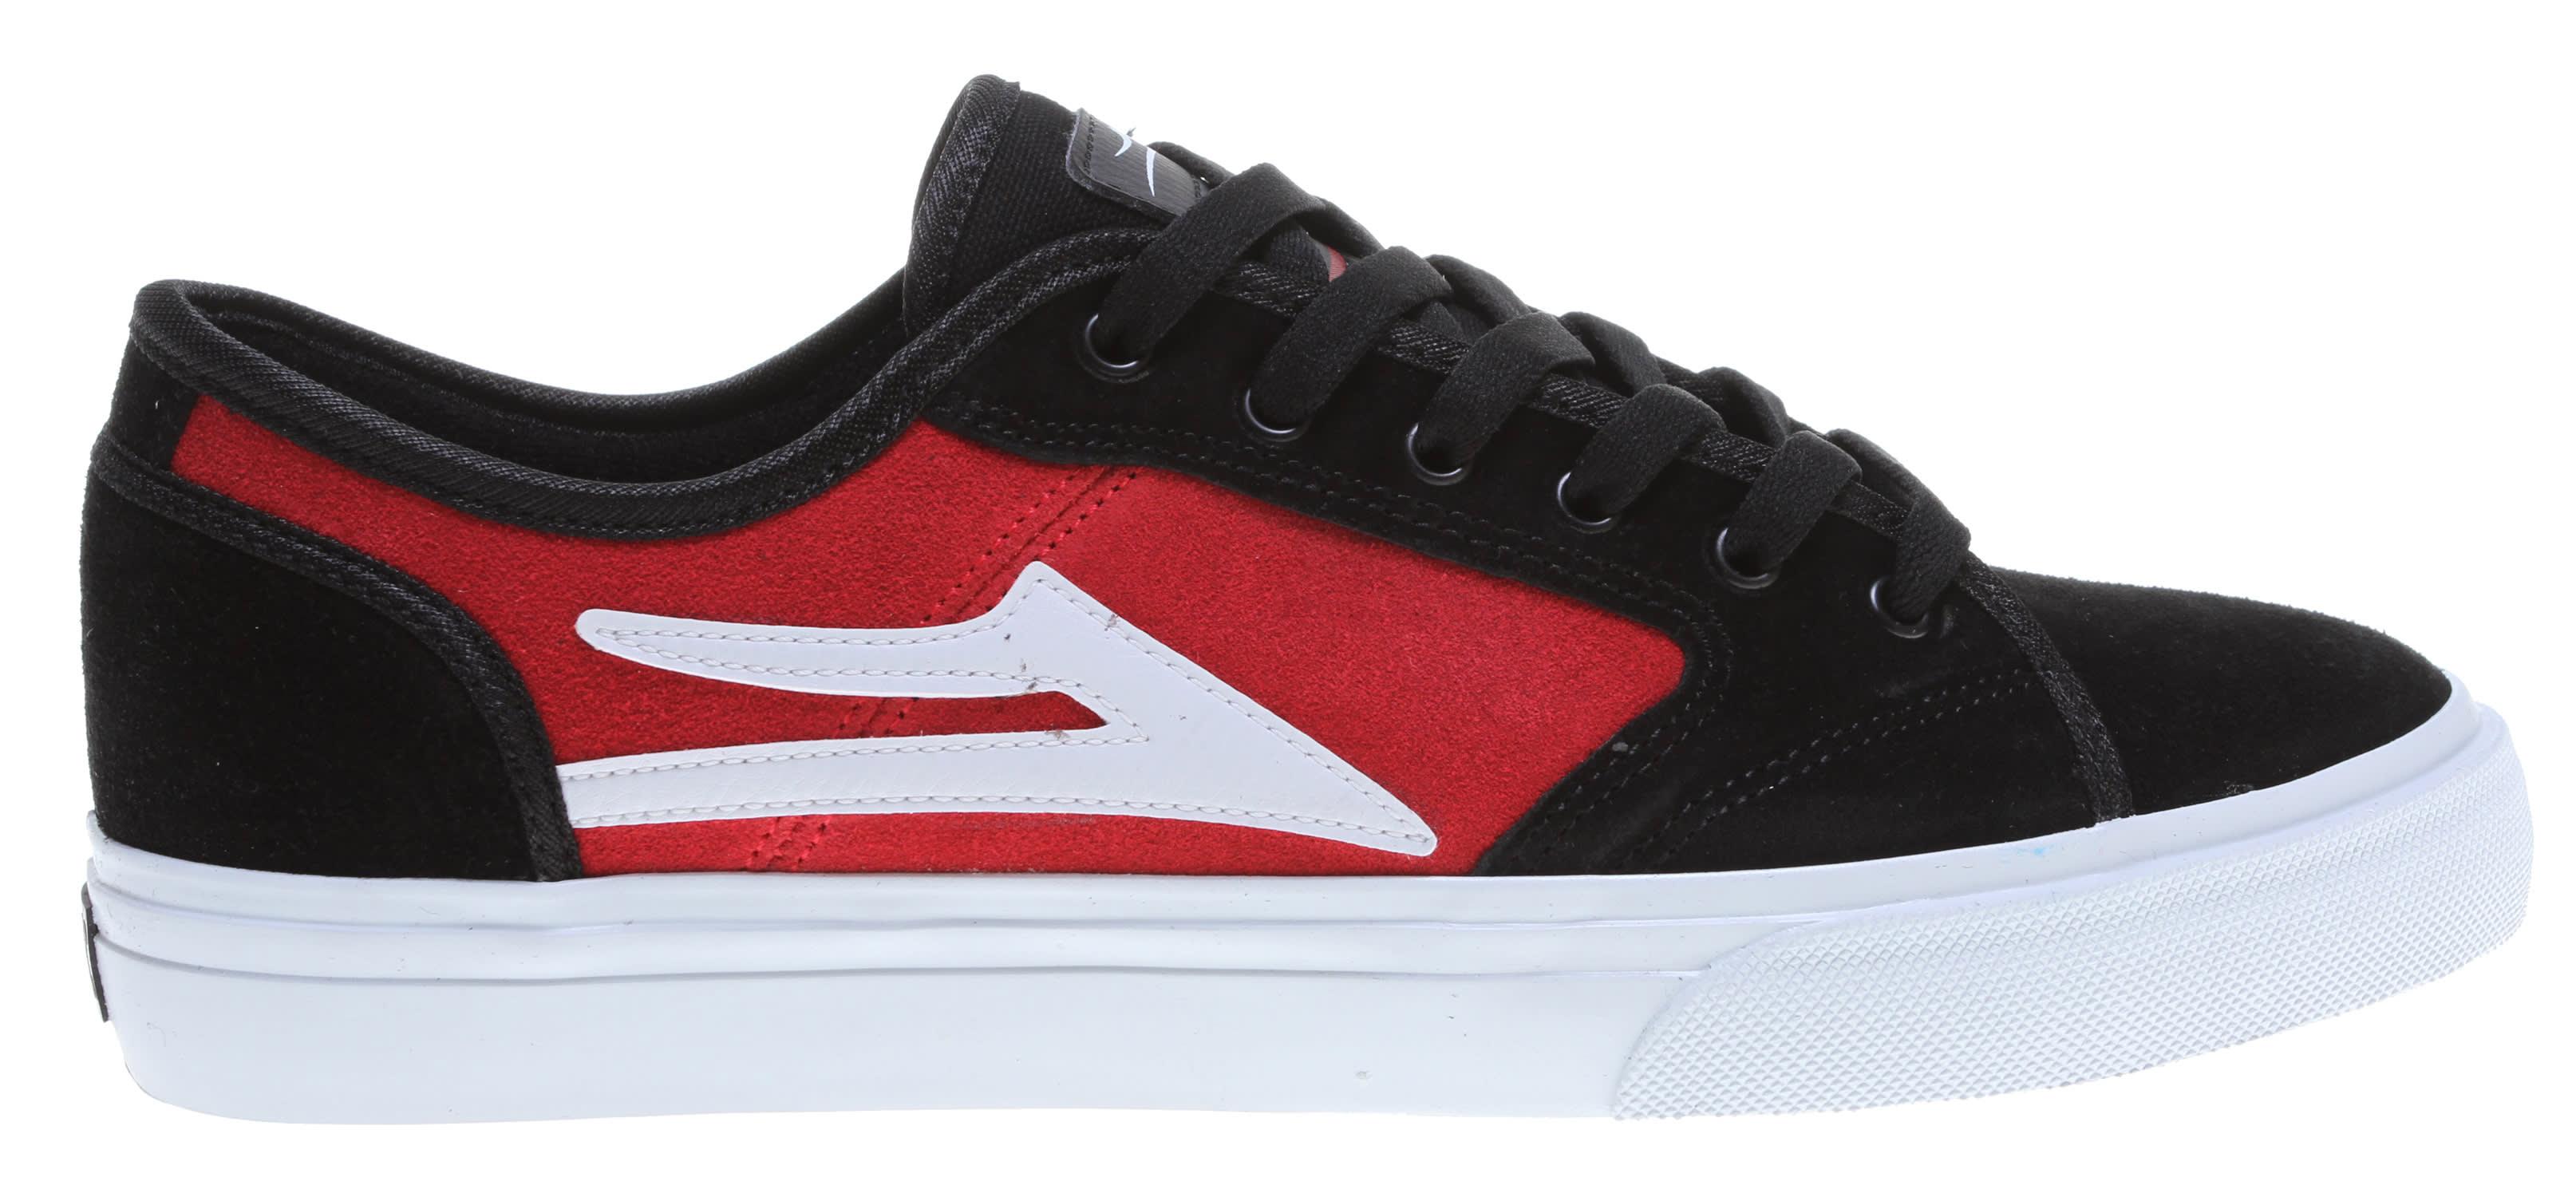 Lakai Vista Skate Shoes